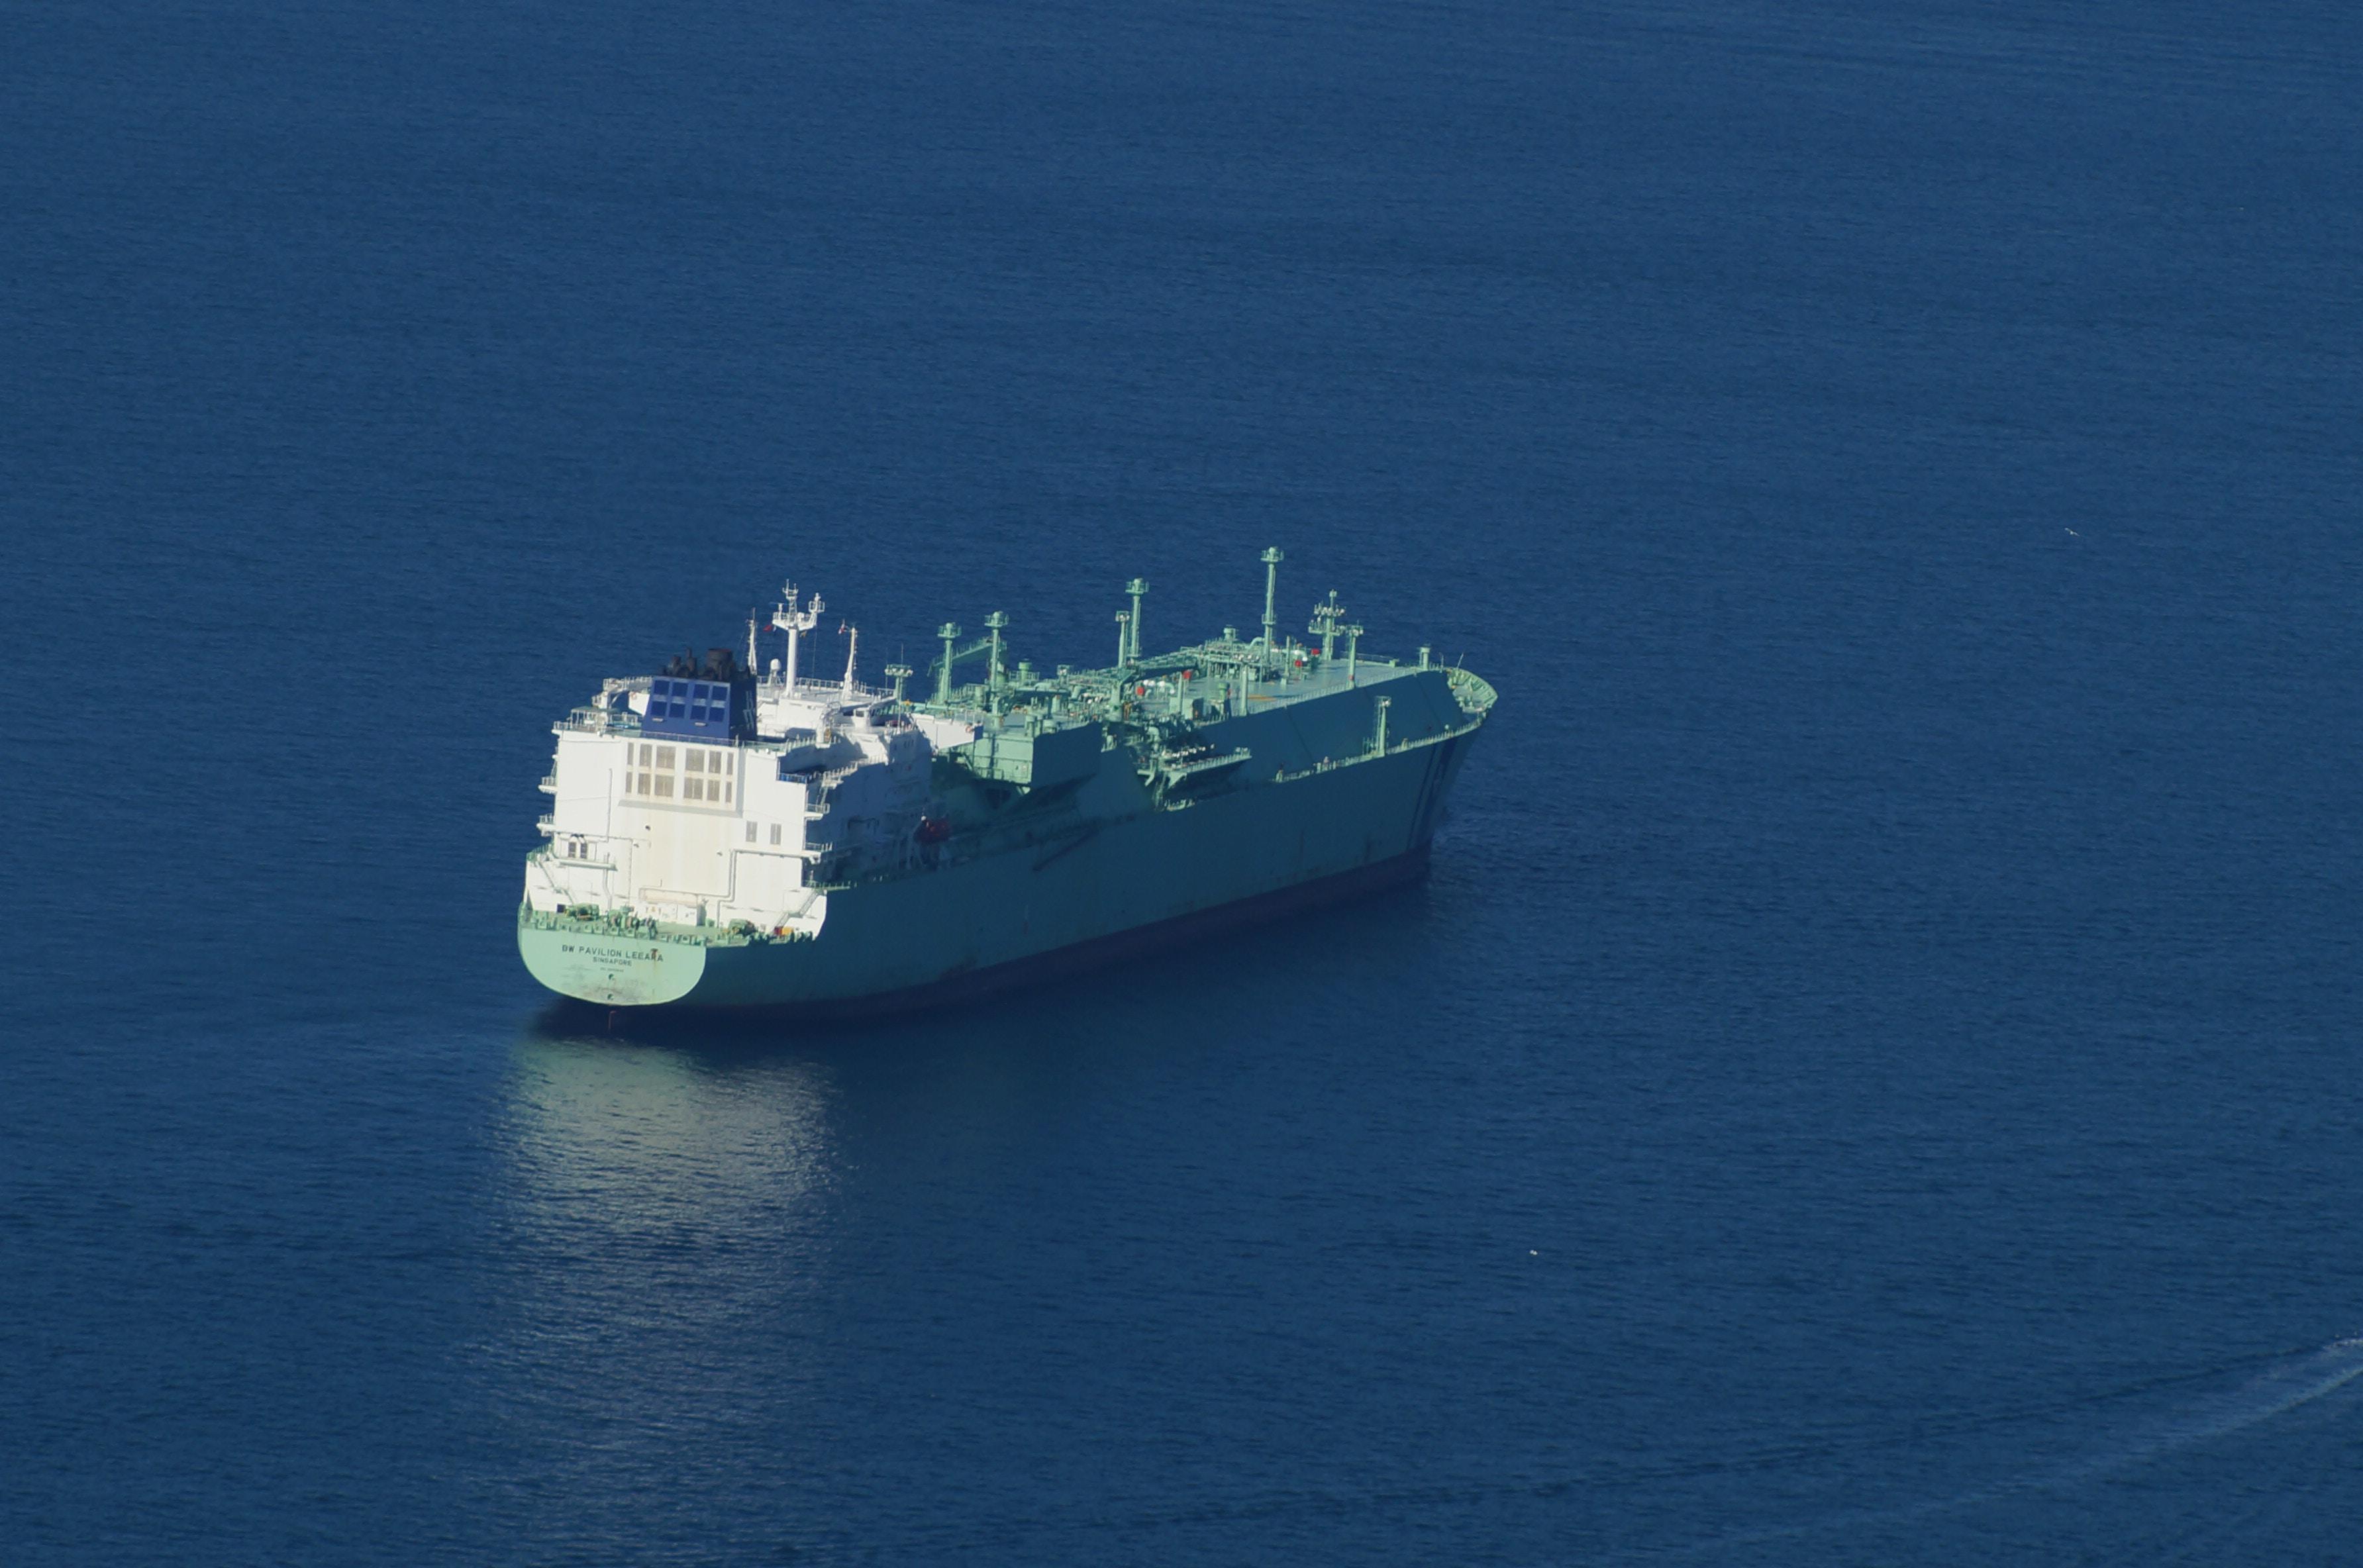 teal tanker at sea during daytime